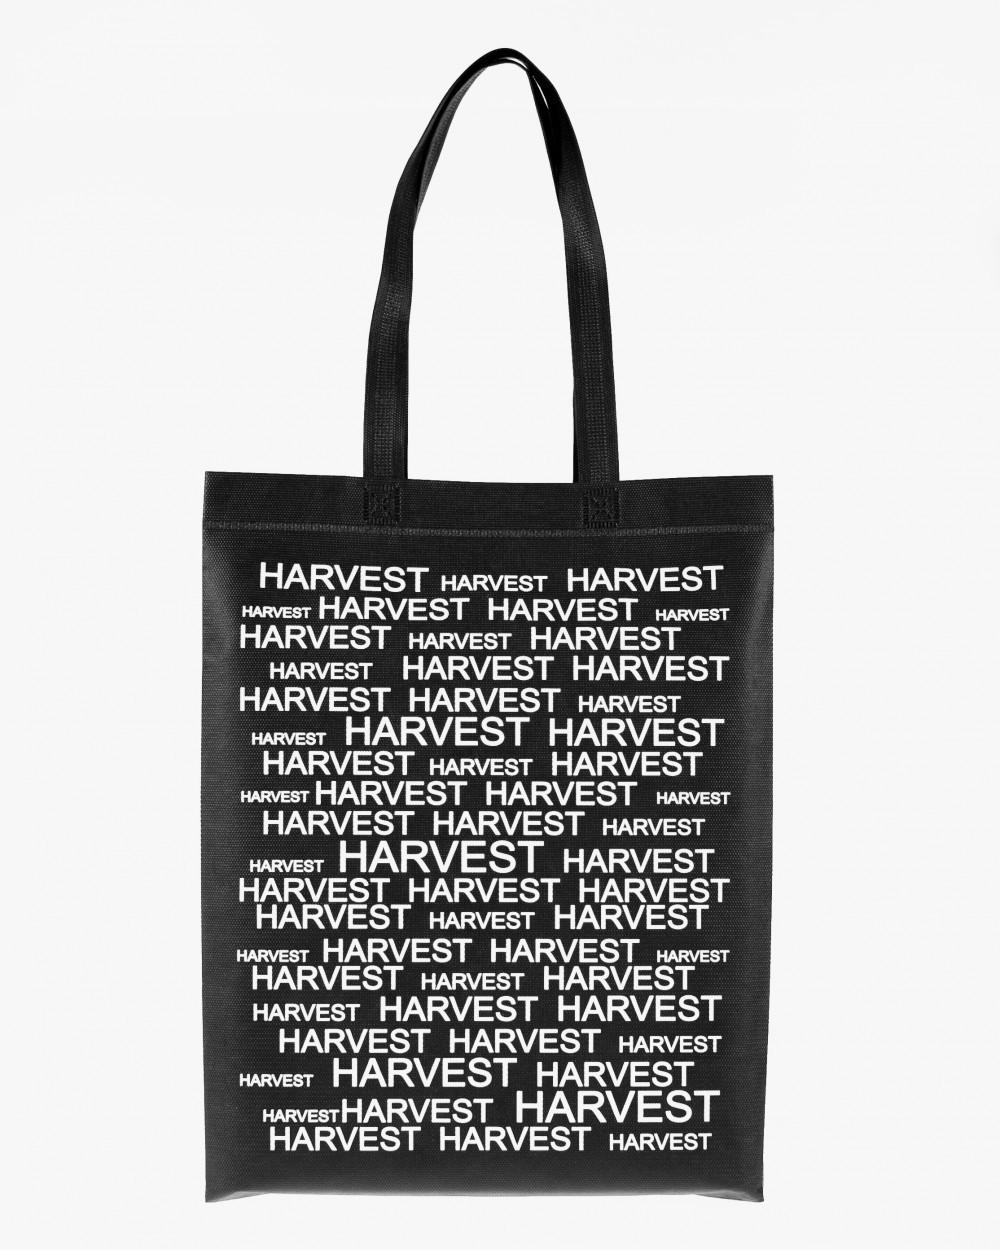 """Объемная сумка типа """"BOX"""" ECOBAG, черная с принтом, до 16 кг, унисекс, повседневная, спортивная"""